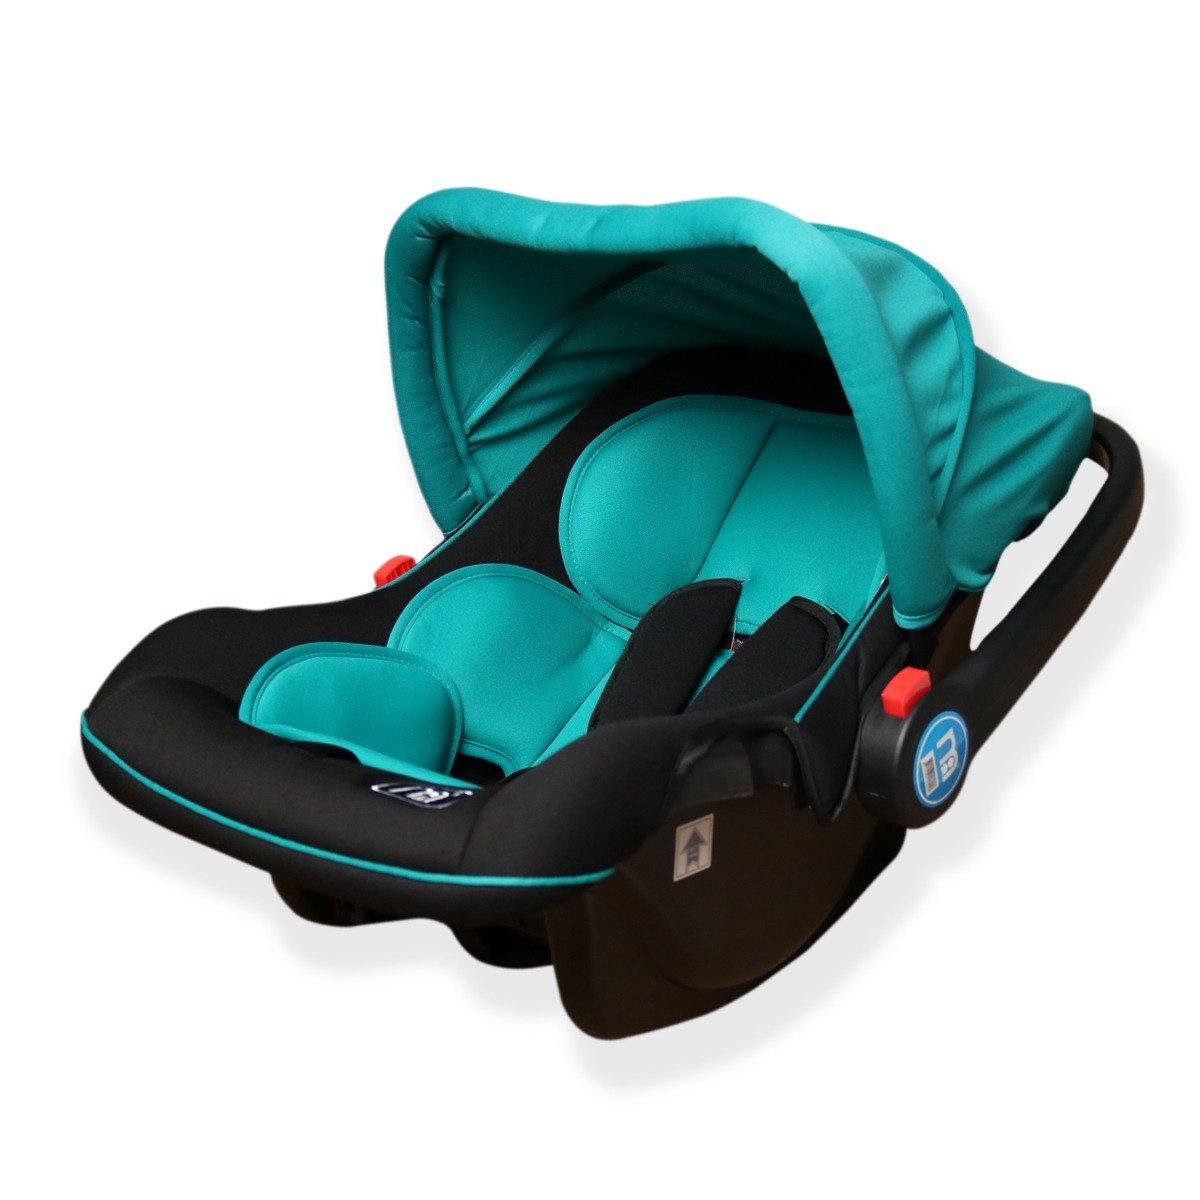 Mothercare Carry Cot Car Seat 0 18 Months Aqua Blue Bnbcc 07